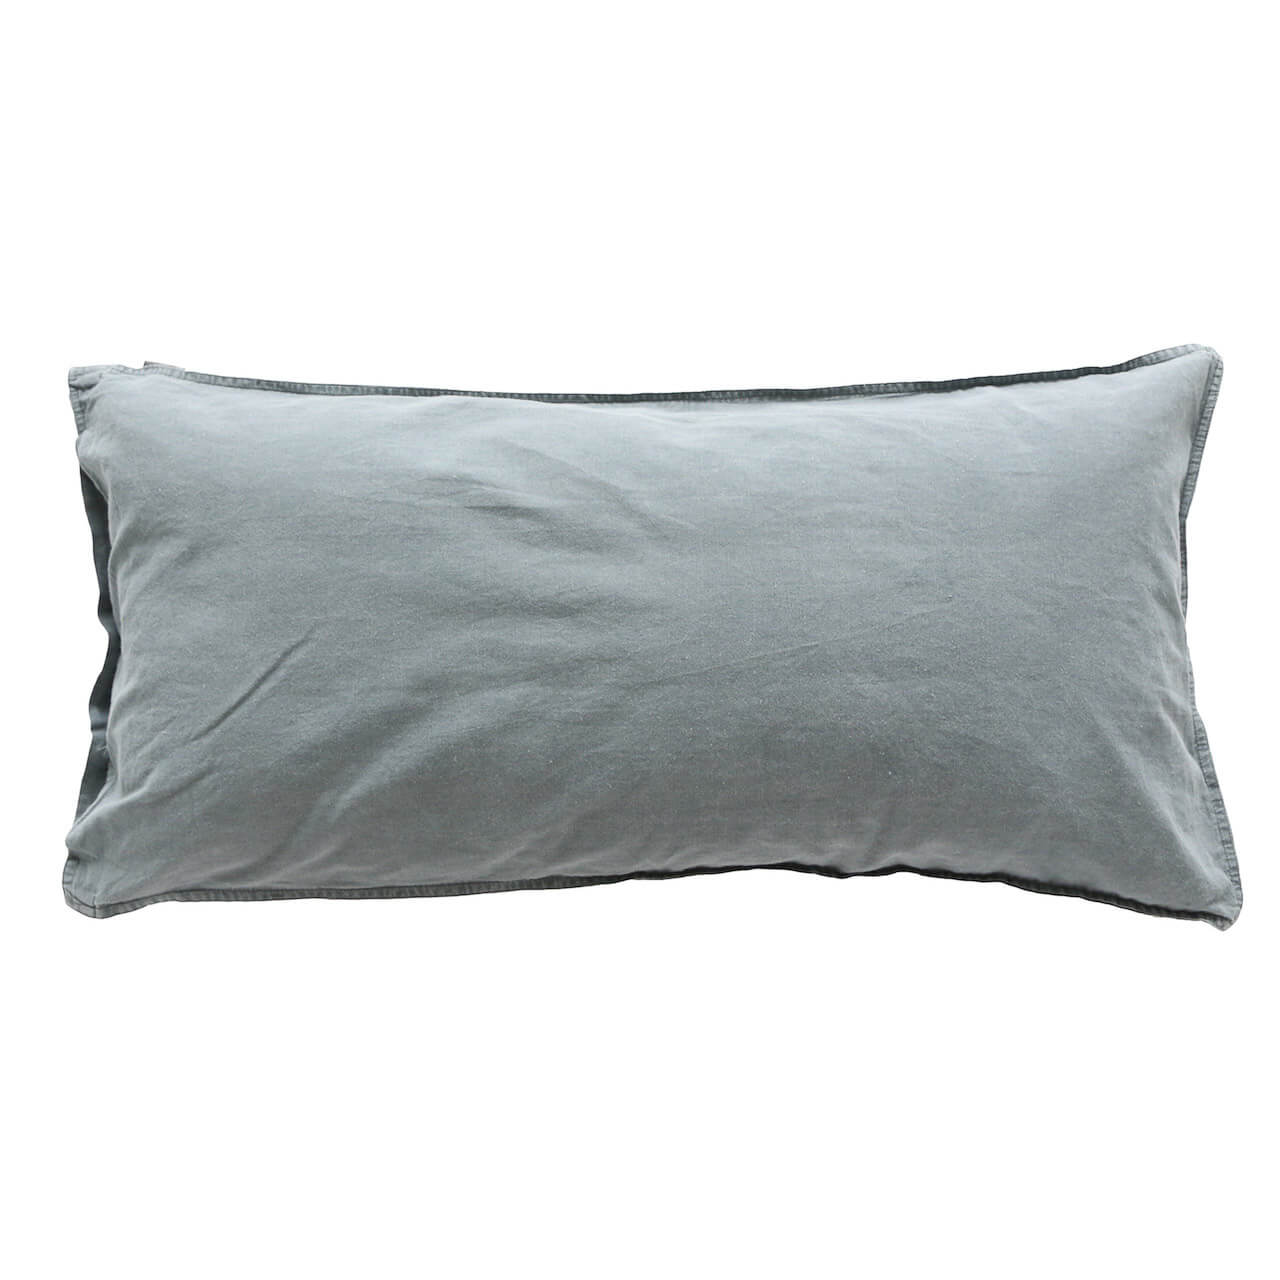 Kissenbezüge Vintage Washed Cotton mit Knöpfen 2x 50x50 cm